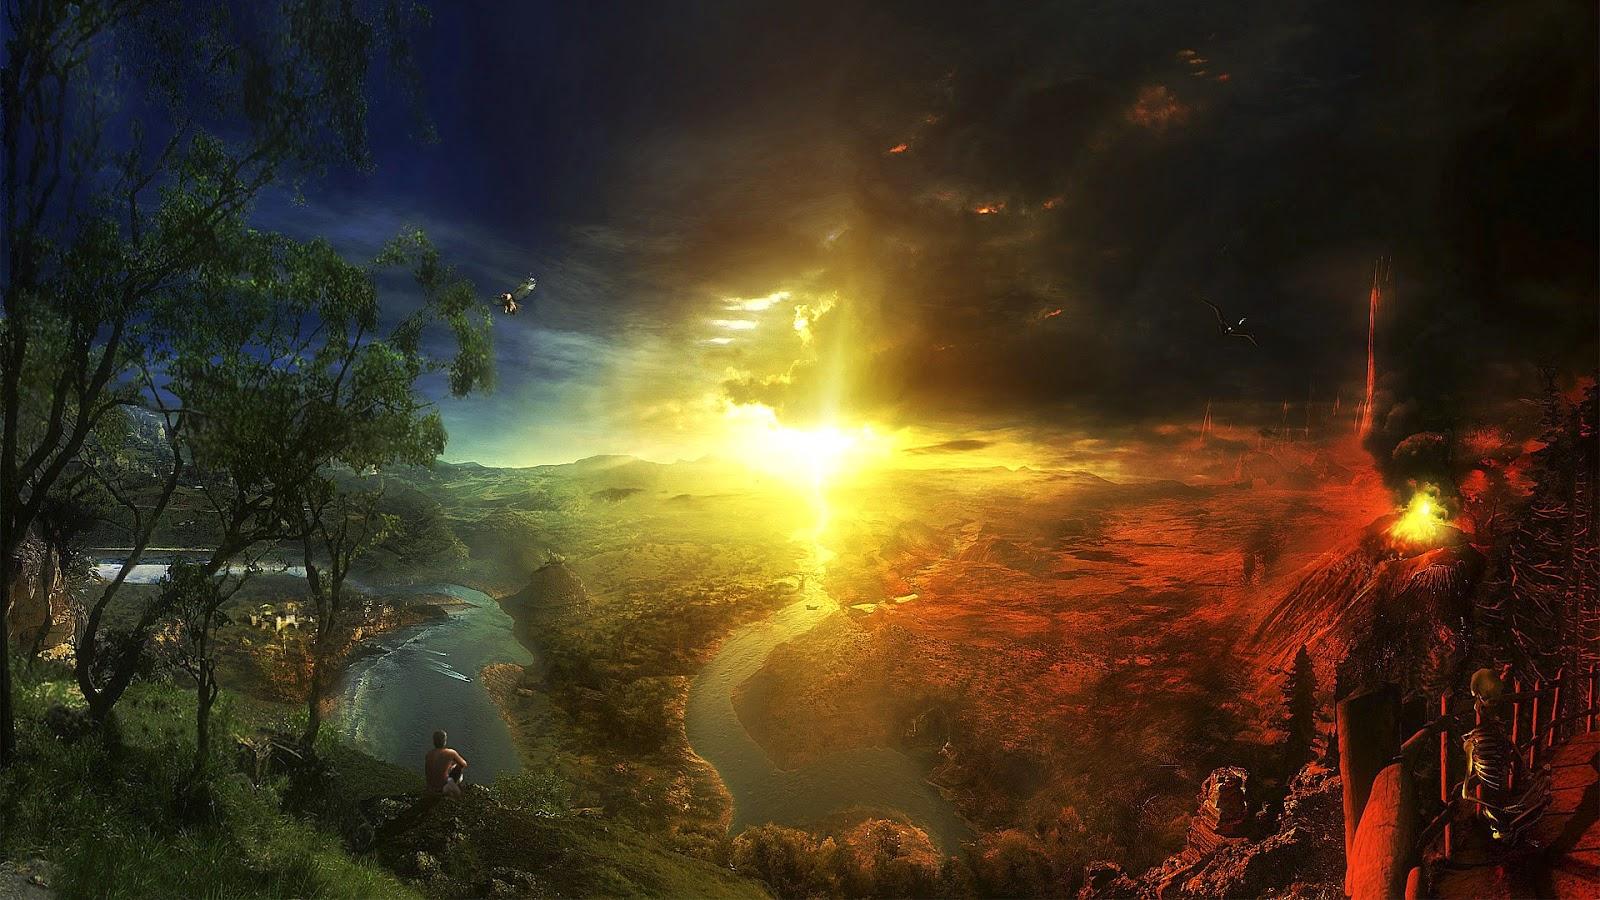 آیا بهشت و جهنم در روز قیامت، بر روی کرهی زمین تشکیل میشوند؟